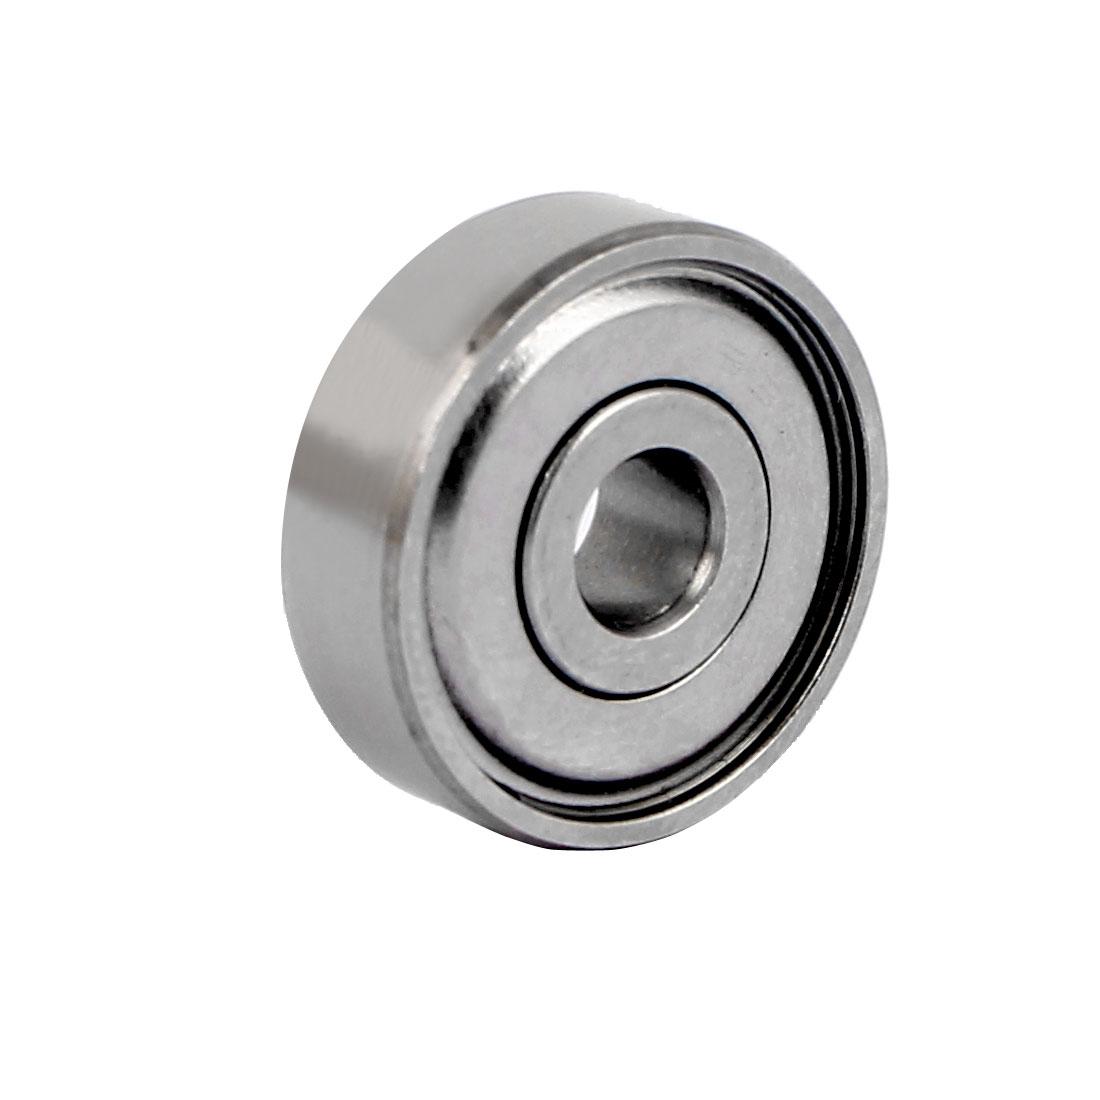 ZZ635 Dual Steel Shields Deep Groove Ball Bearing 19mmx5mmx6mm